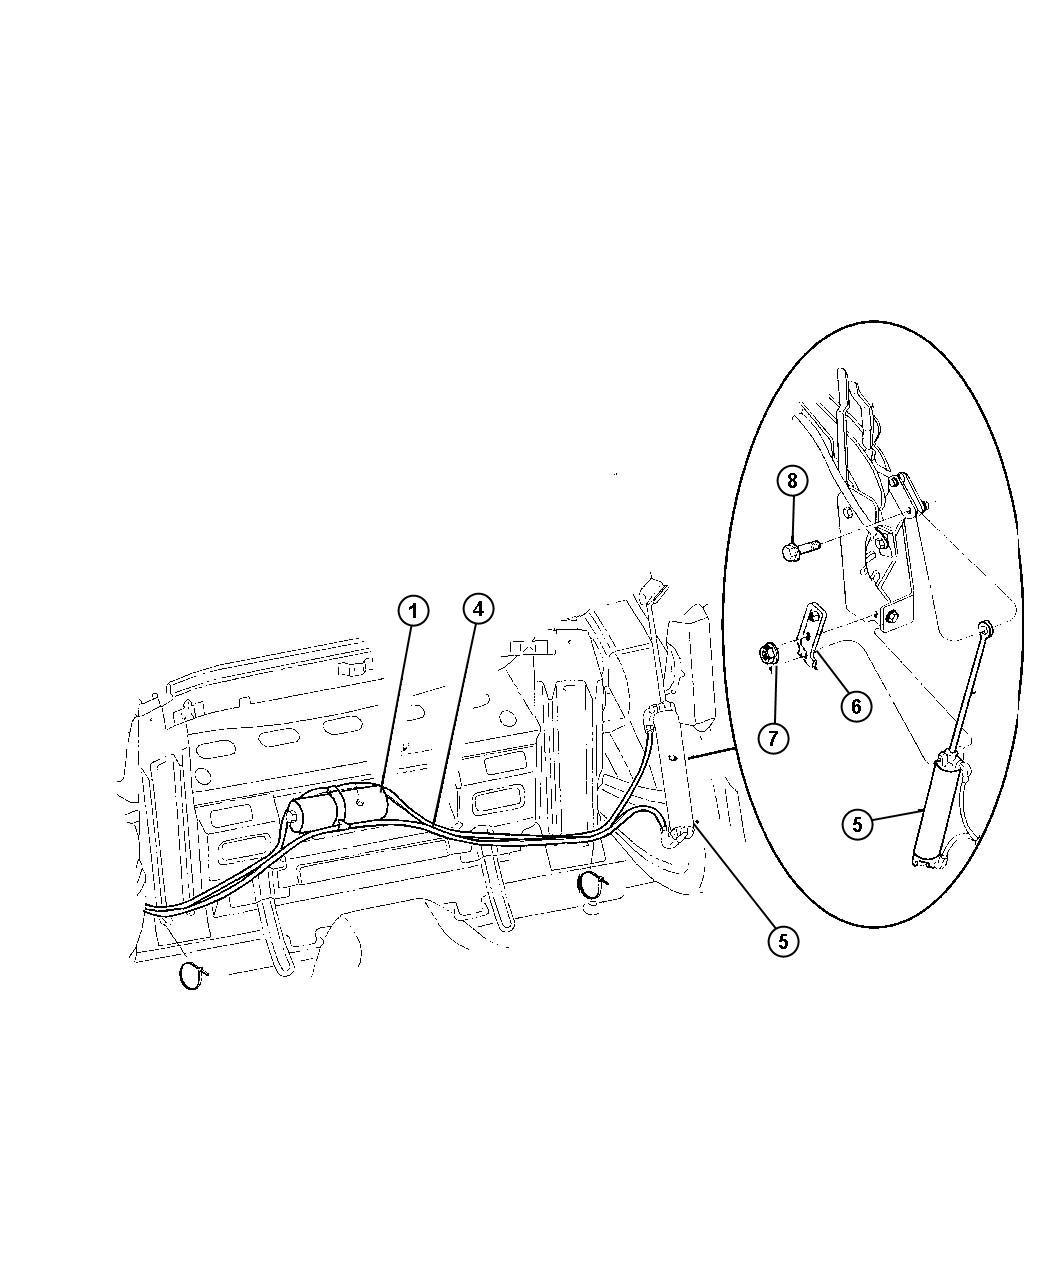 2004 chrysler sebring motor diagram